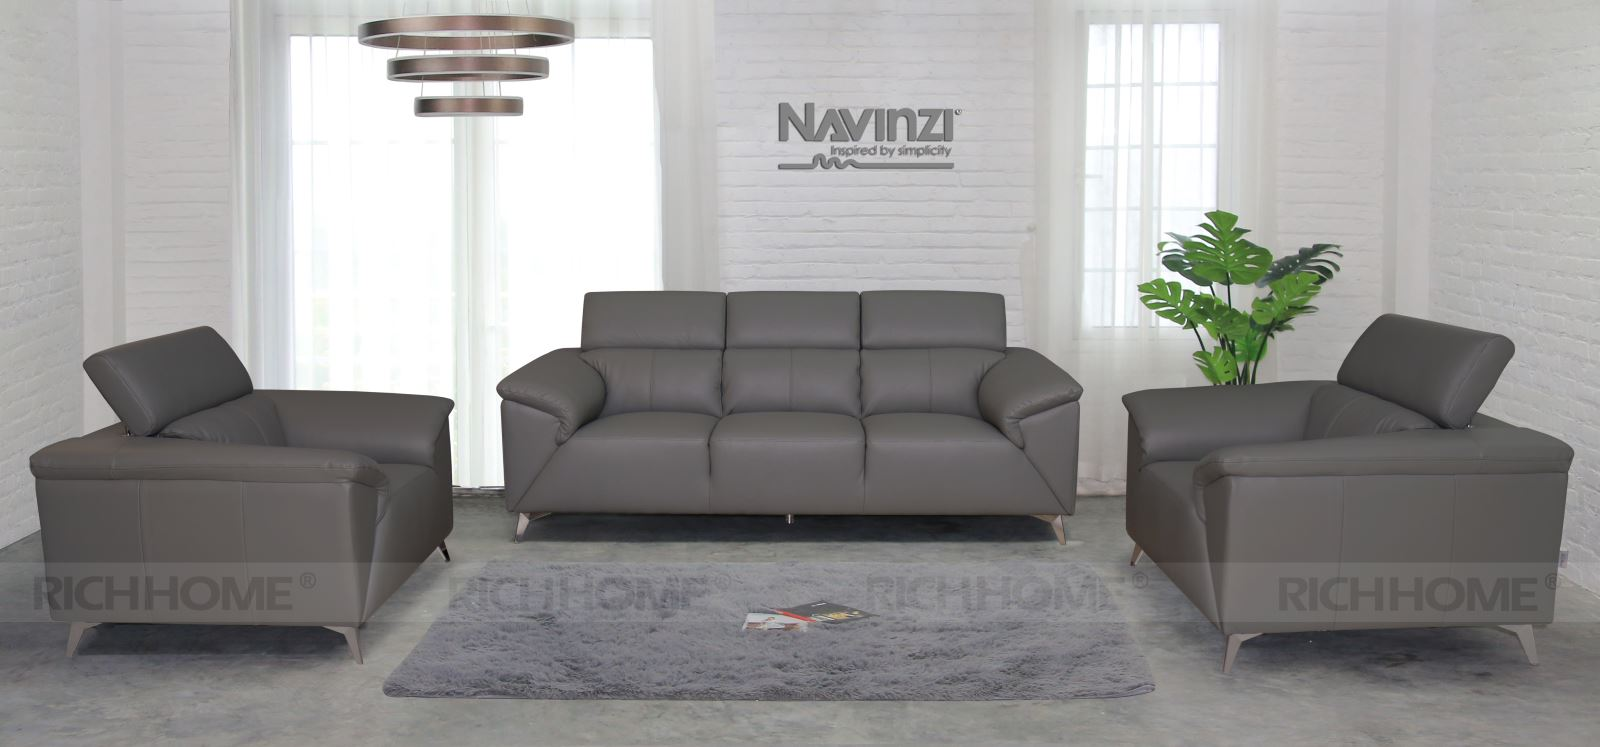 Sofa băng da Navinzi Magic kiểu 1+1+3 - Có 20 màu sắc tùy chọn